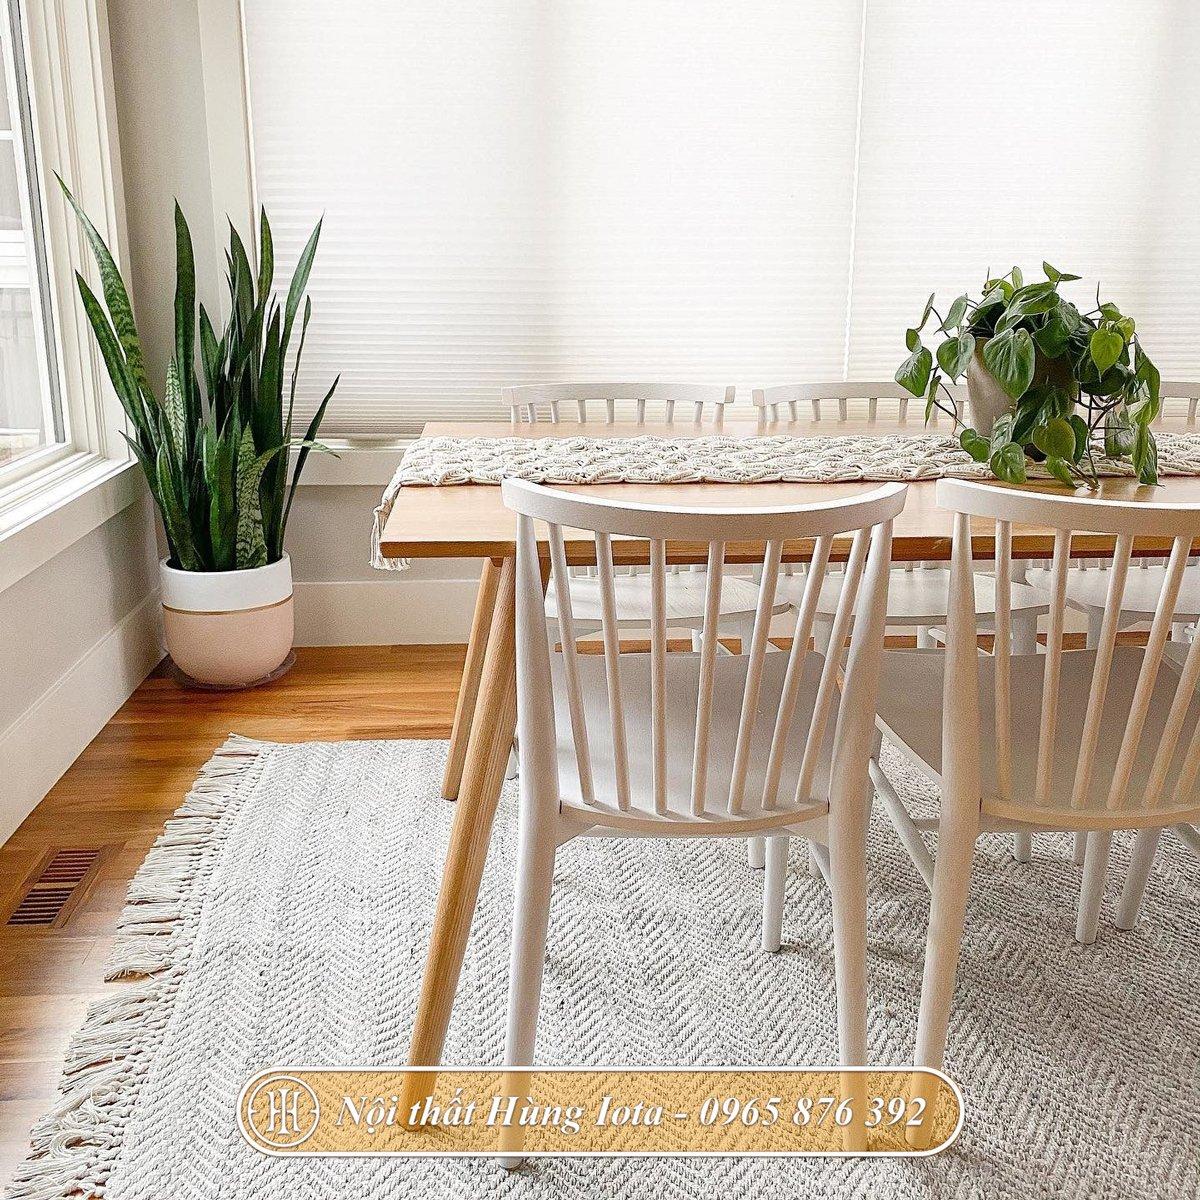 Ghế ăn có tựa nan gỗ thiết kế đơn giản